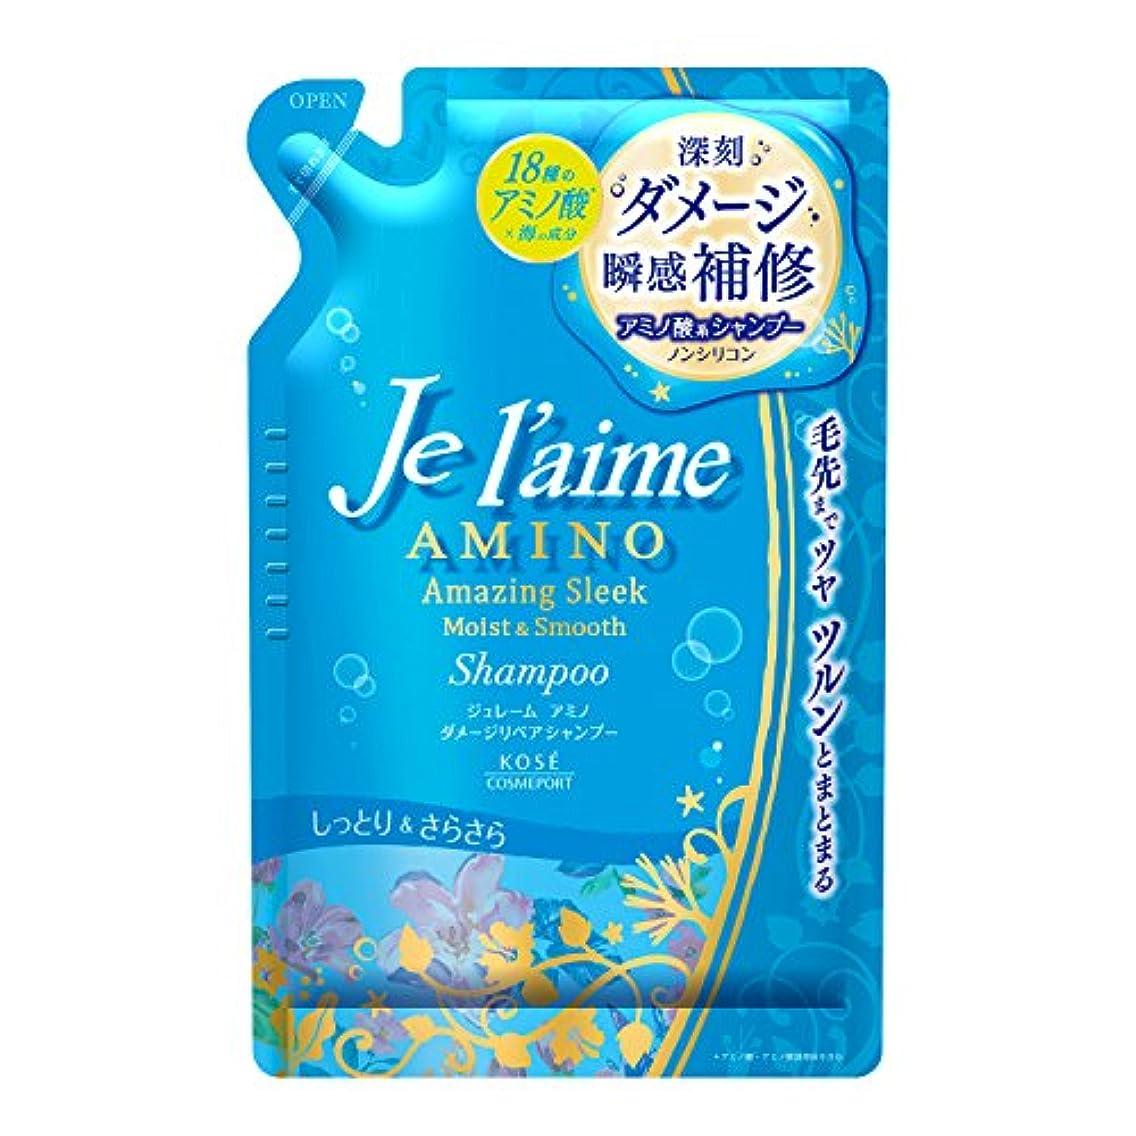 熱狂的なすり減る立法KOSE コーセー ジュレーム アミノ ダメージ リペア シャンプー ノンシリコン アミノ酸 配合 (モイスト & スムース) つめかえ 400ml